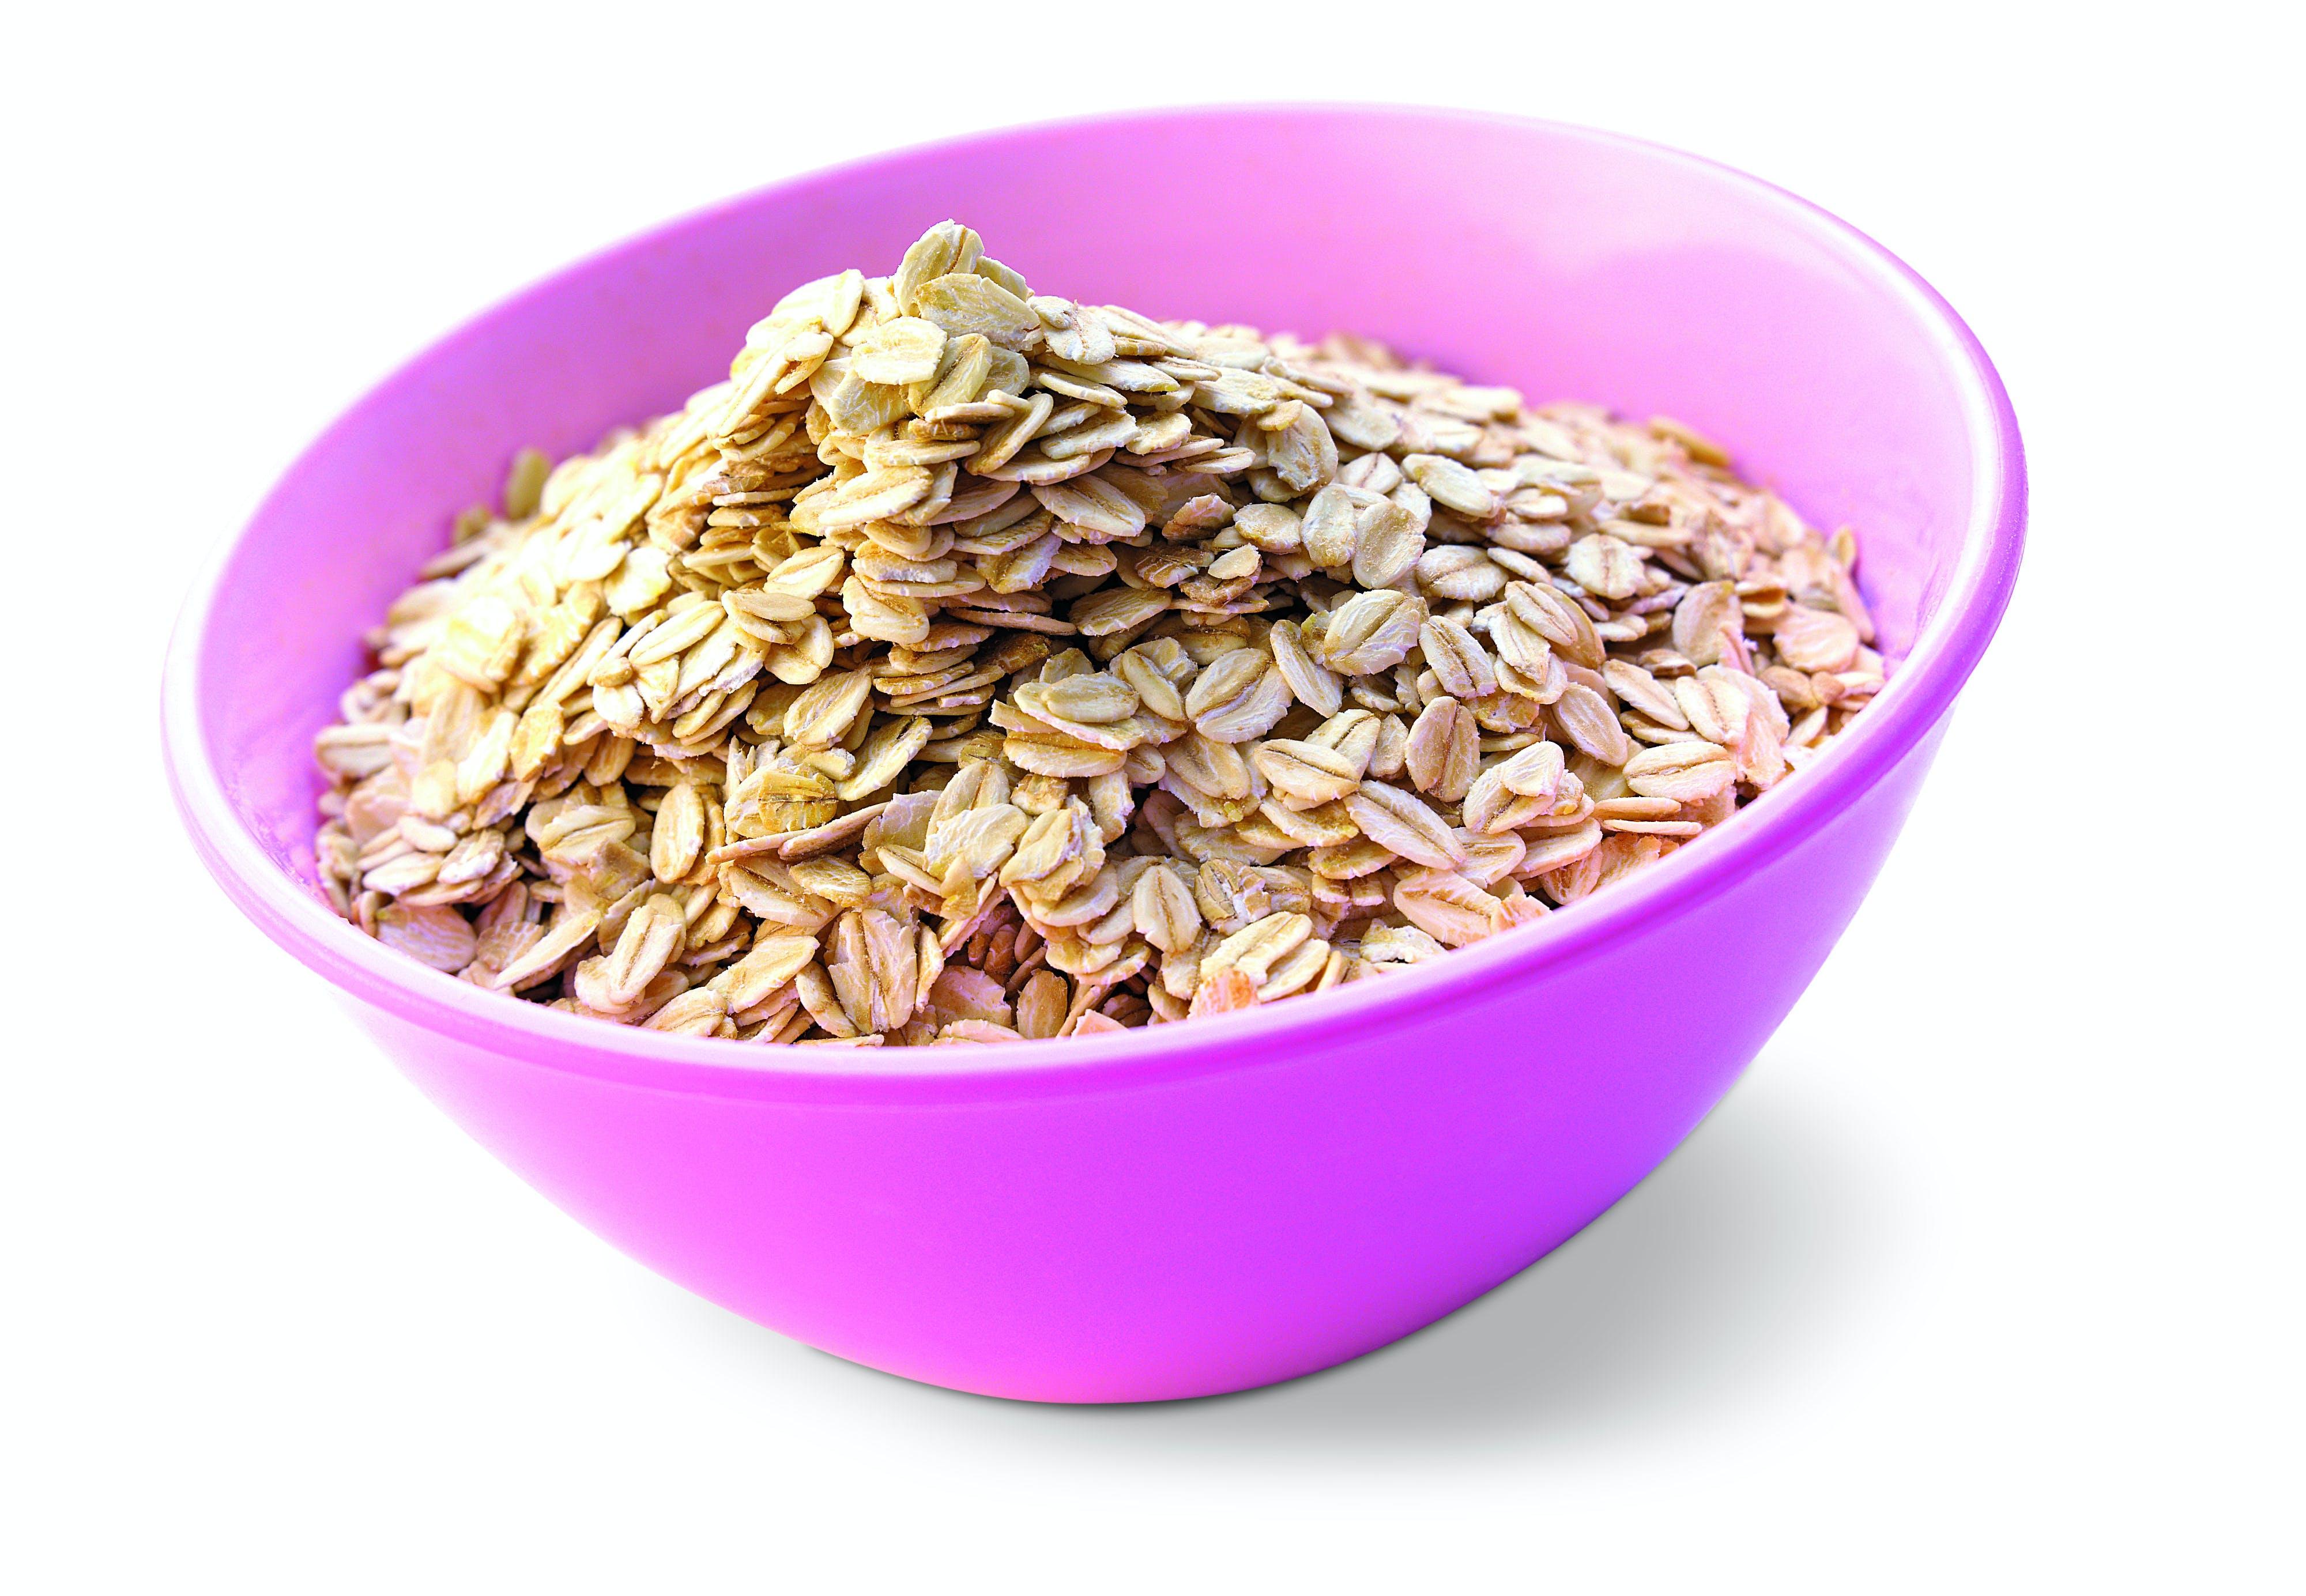 Hvad er sundest - havregryn eller cornflakes? | Iform.dk